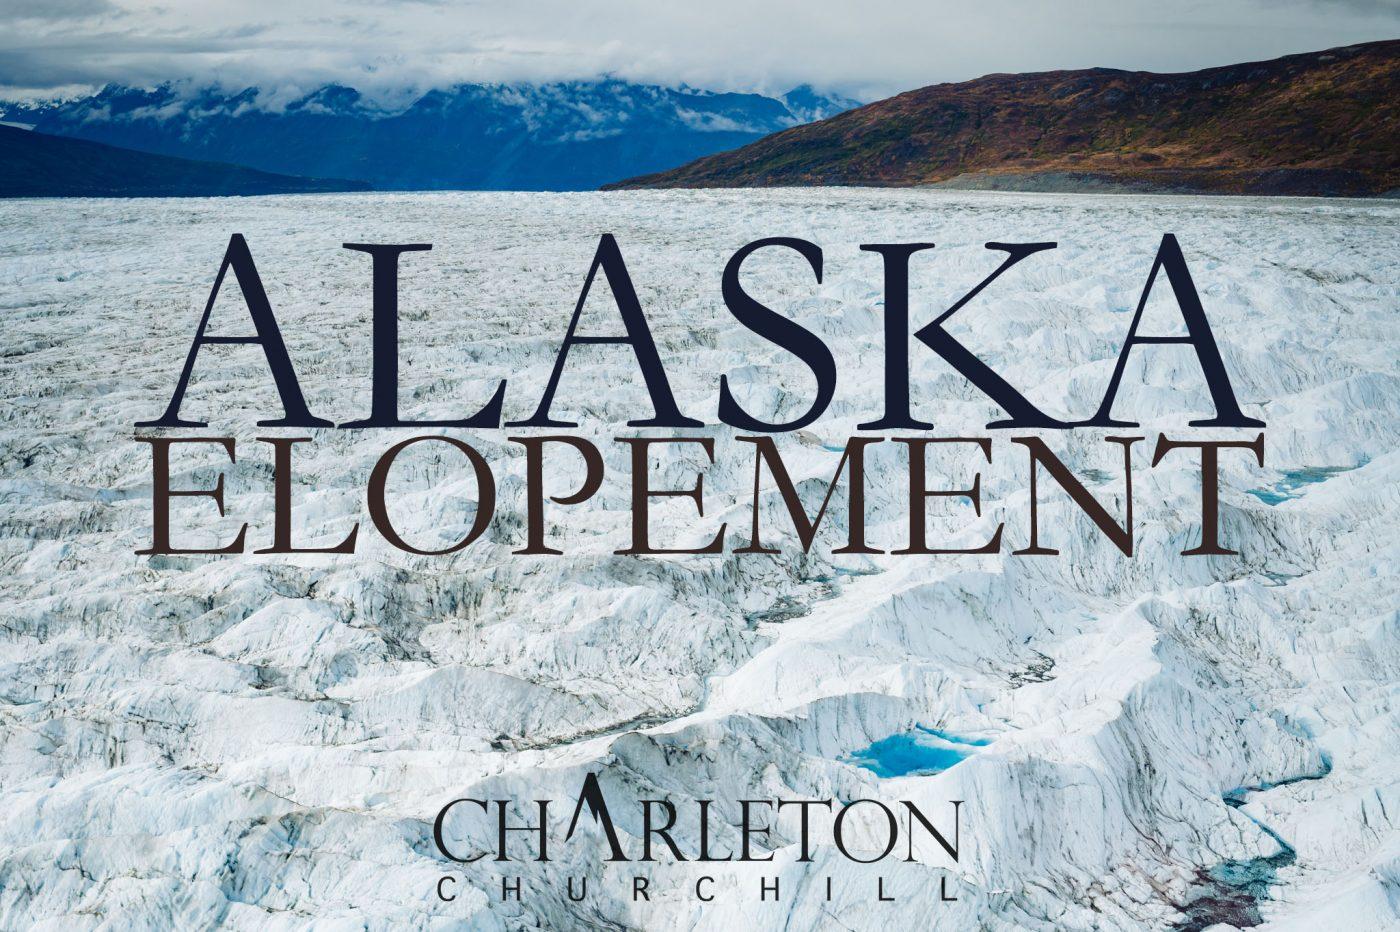 alaskan glacier elopement